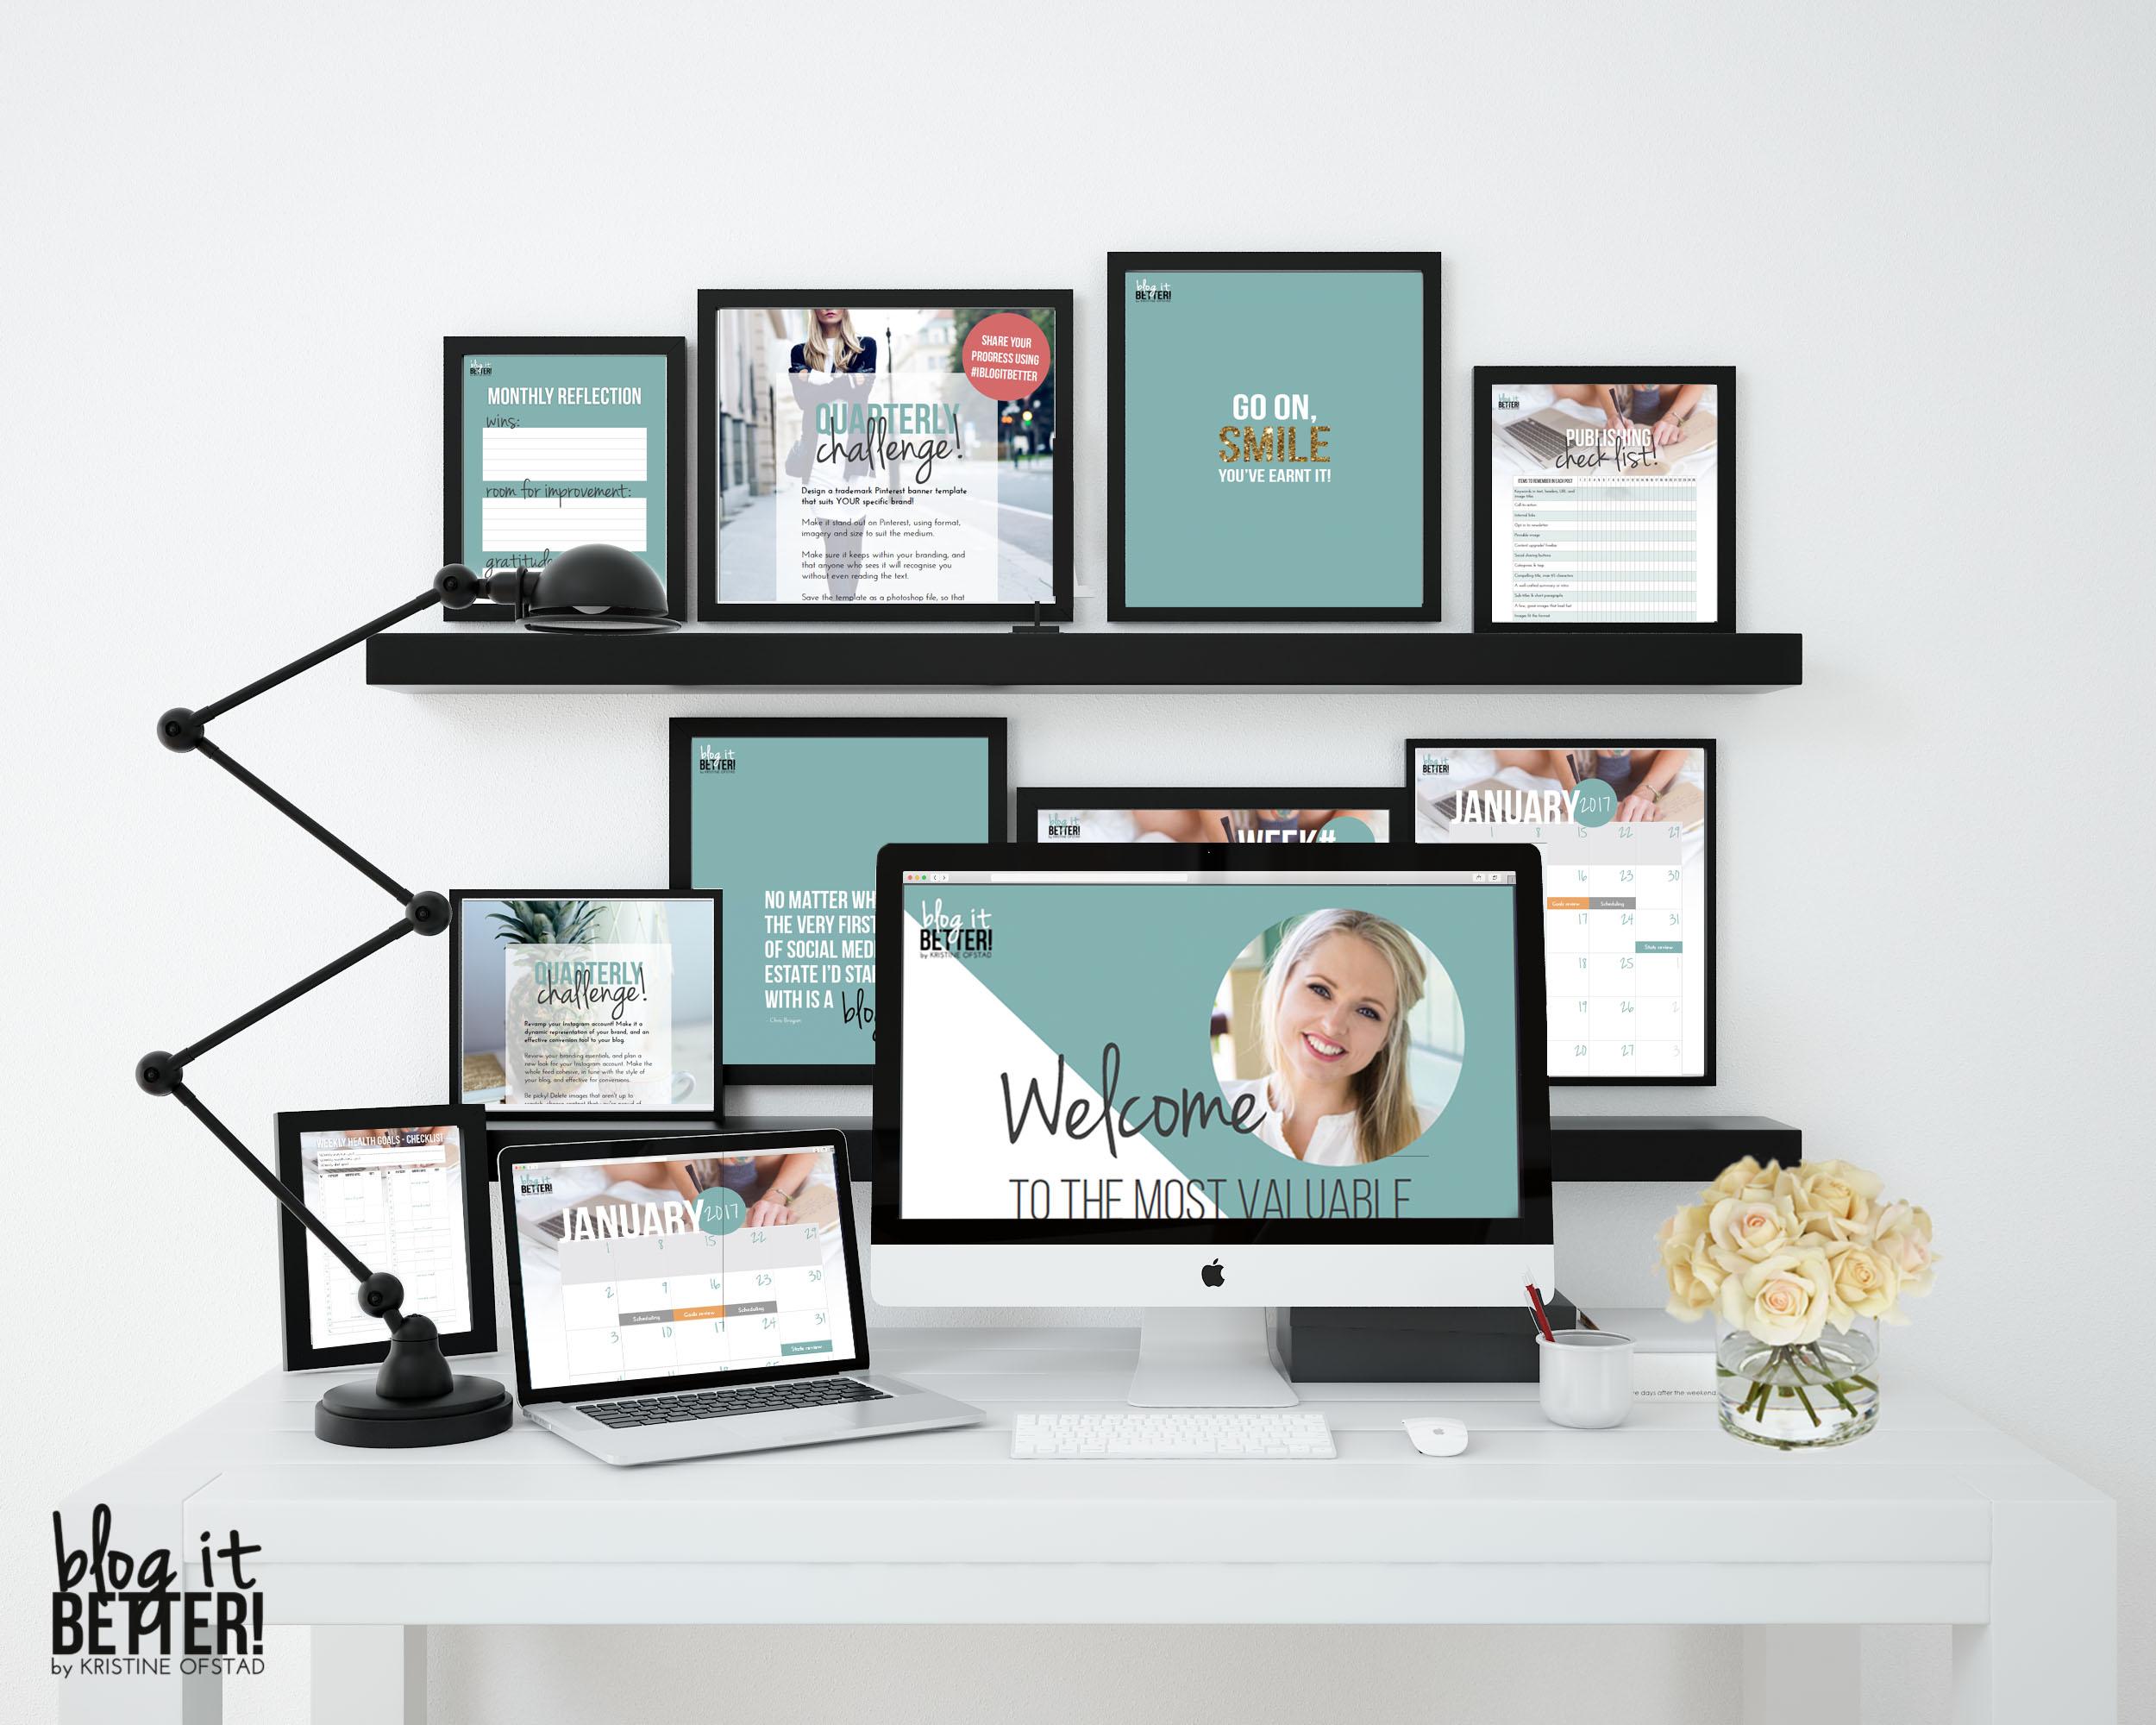 Blog it Better Ultimate Blog Planning Kit